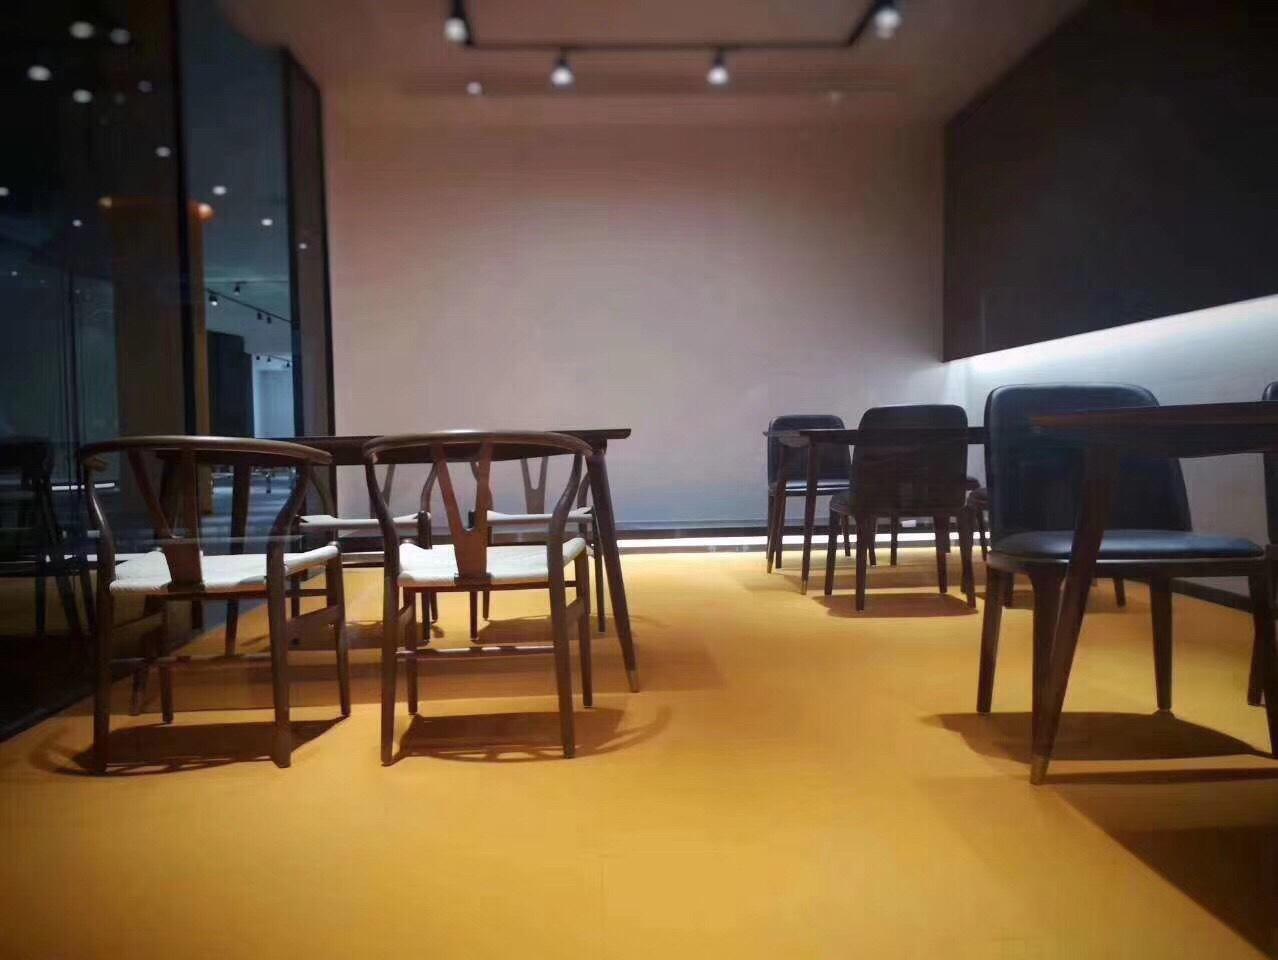 Bí quyết lựa chọn bàn ghế cafe đẹp dành cho chủ quán